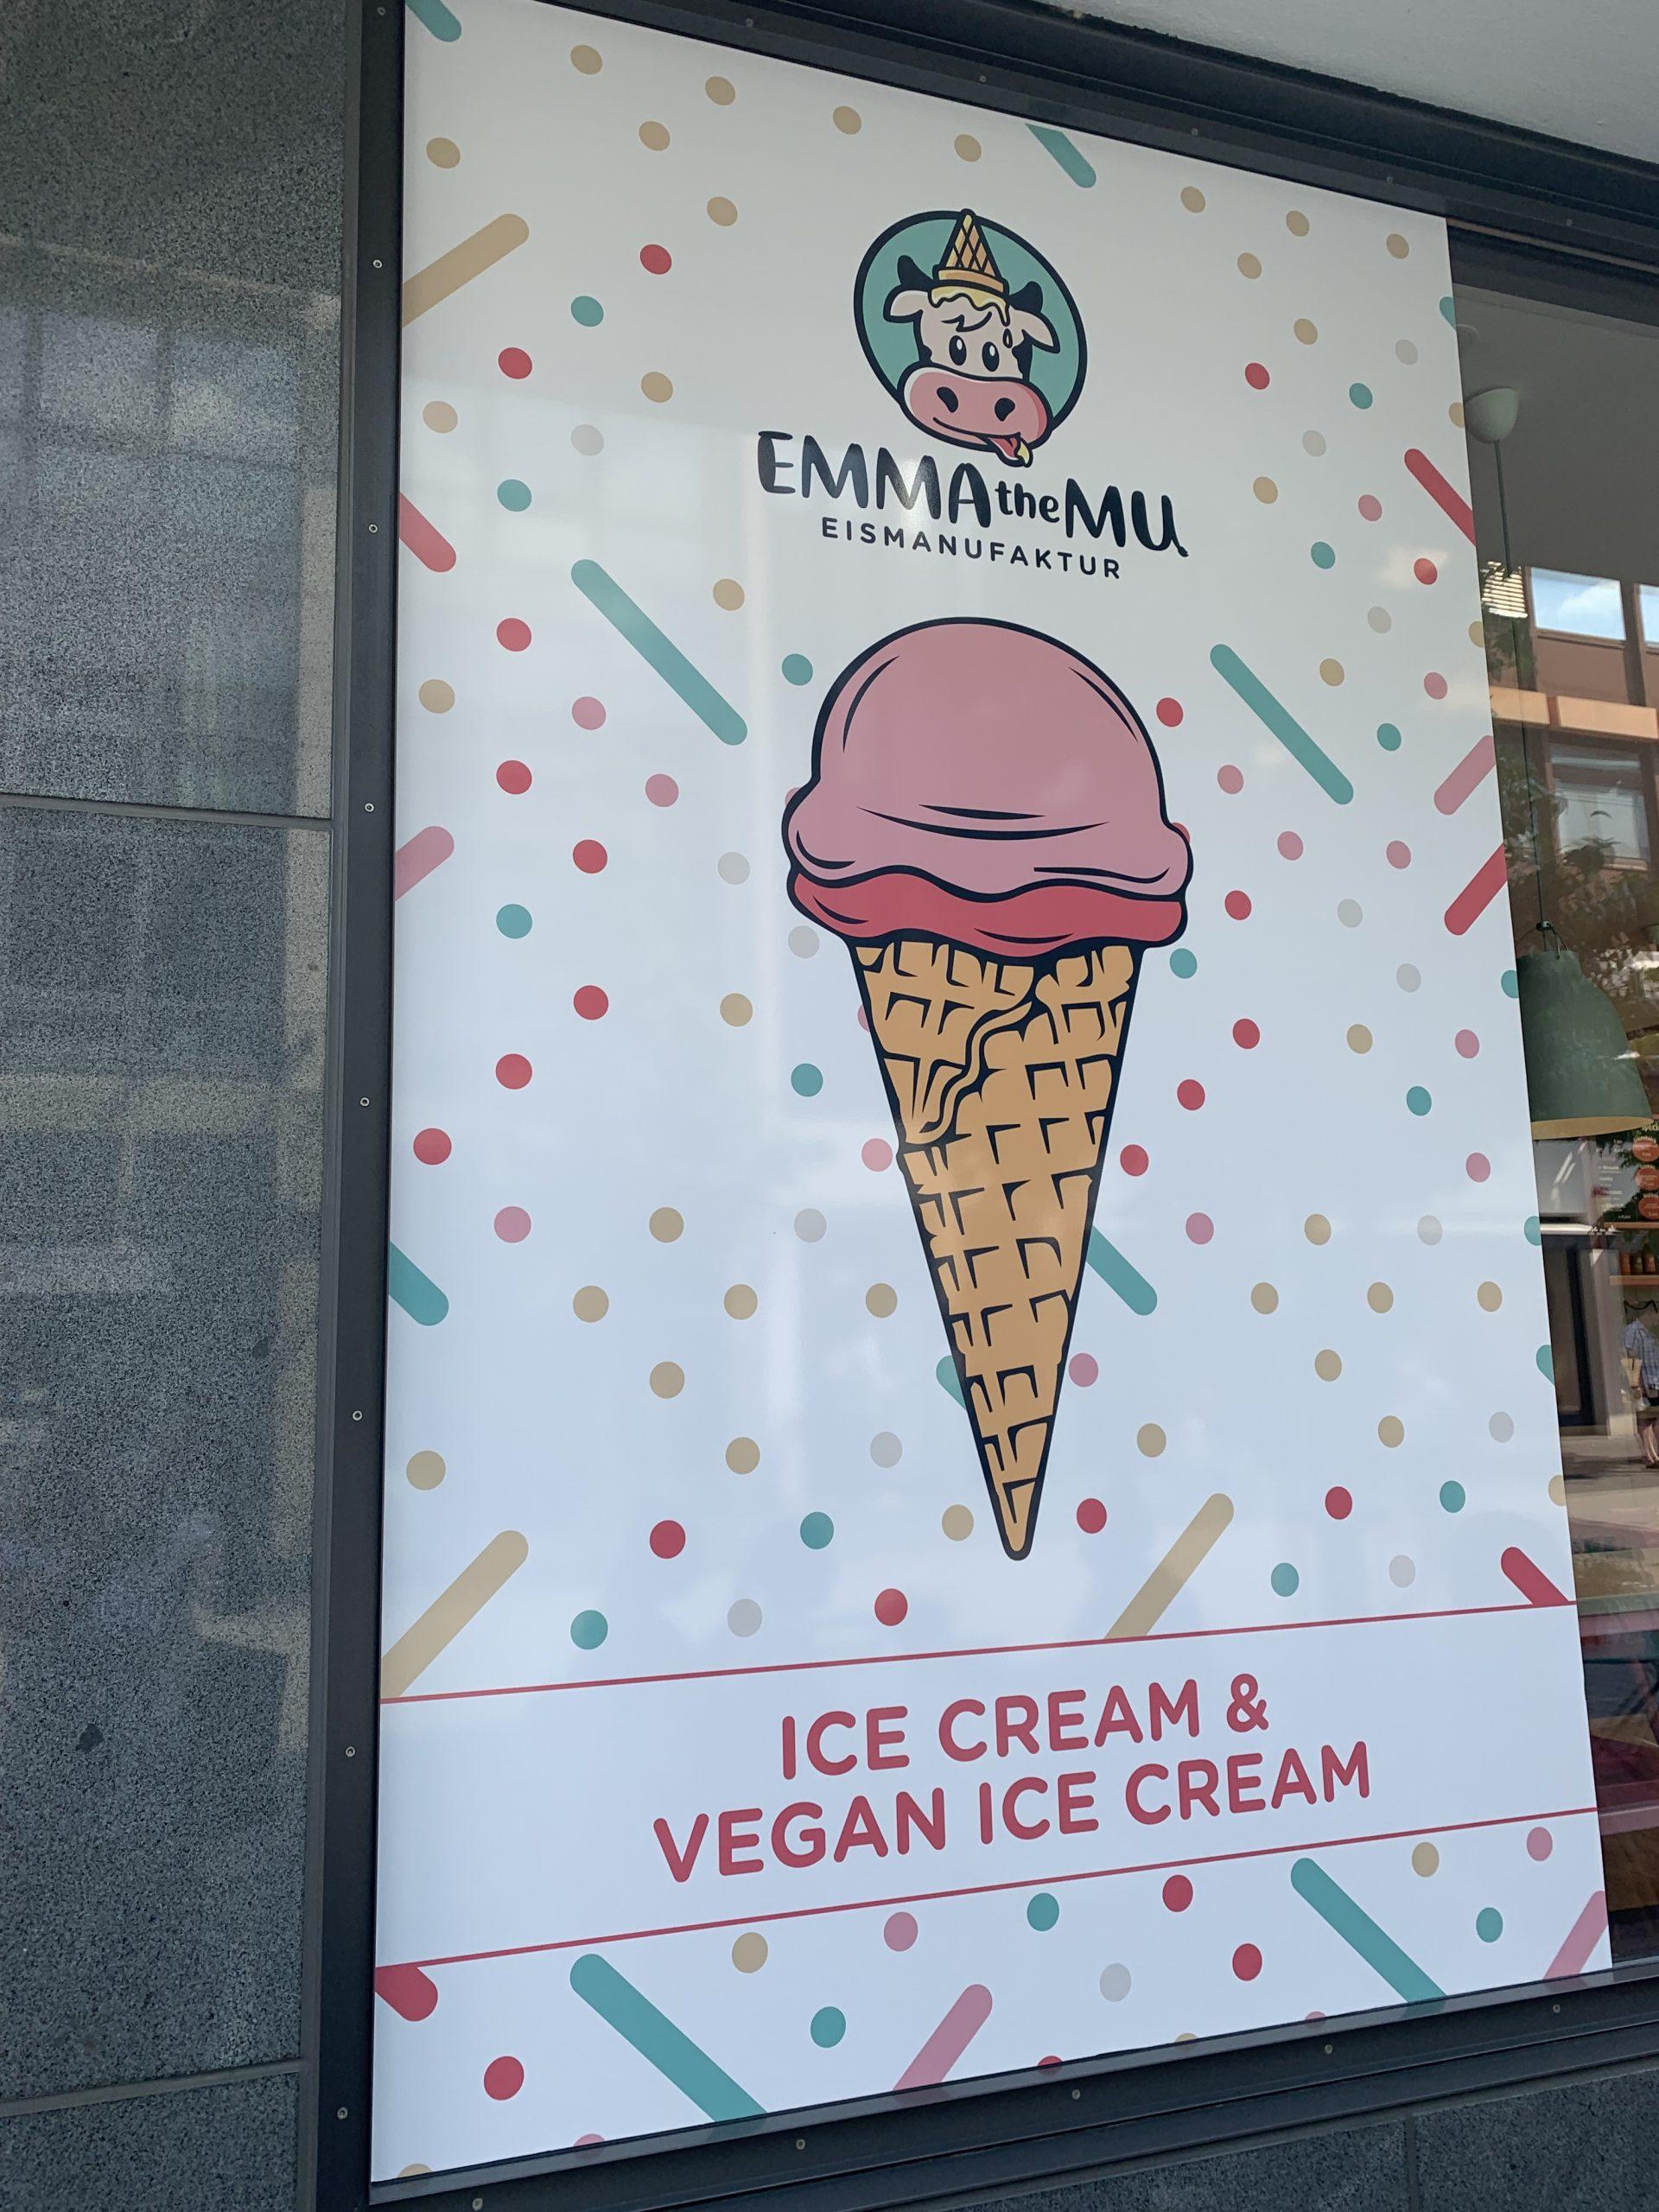 Das Bild zeigt die Eismanufaktur Emma the Mu